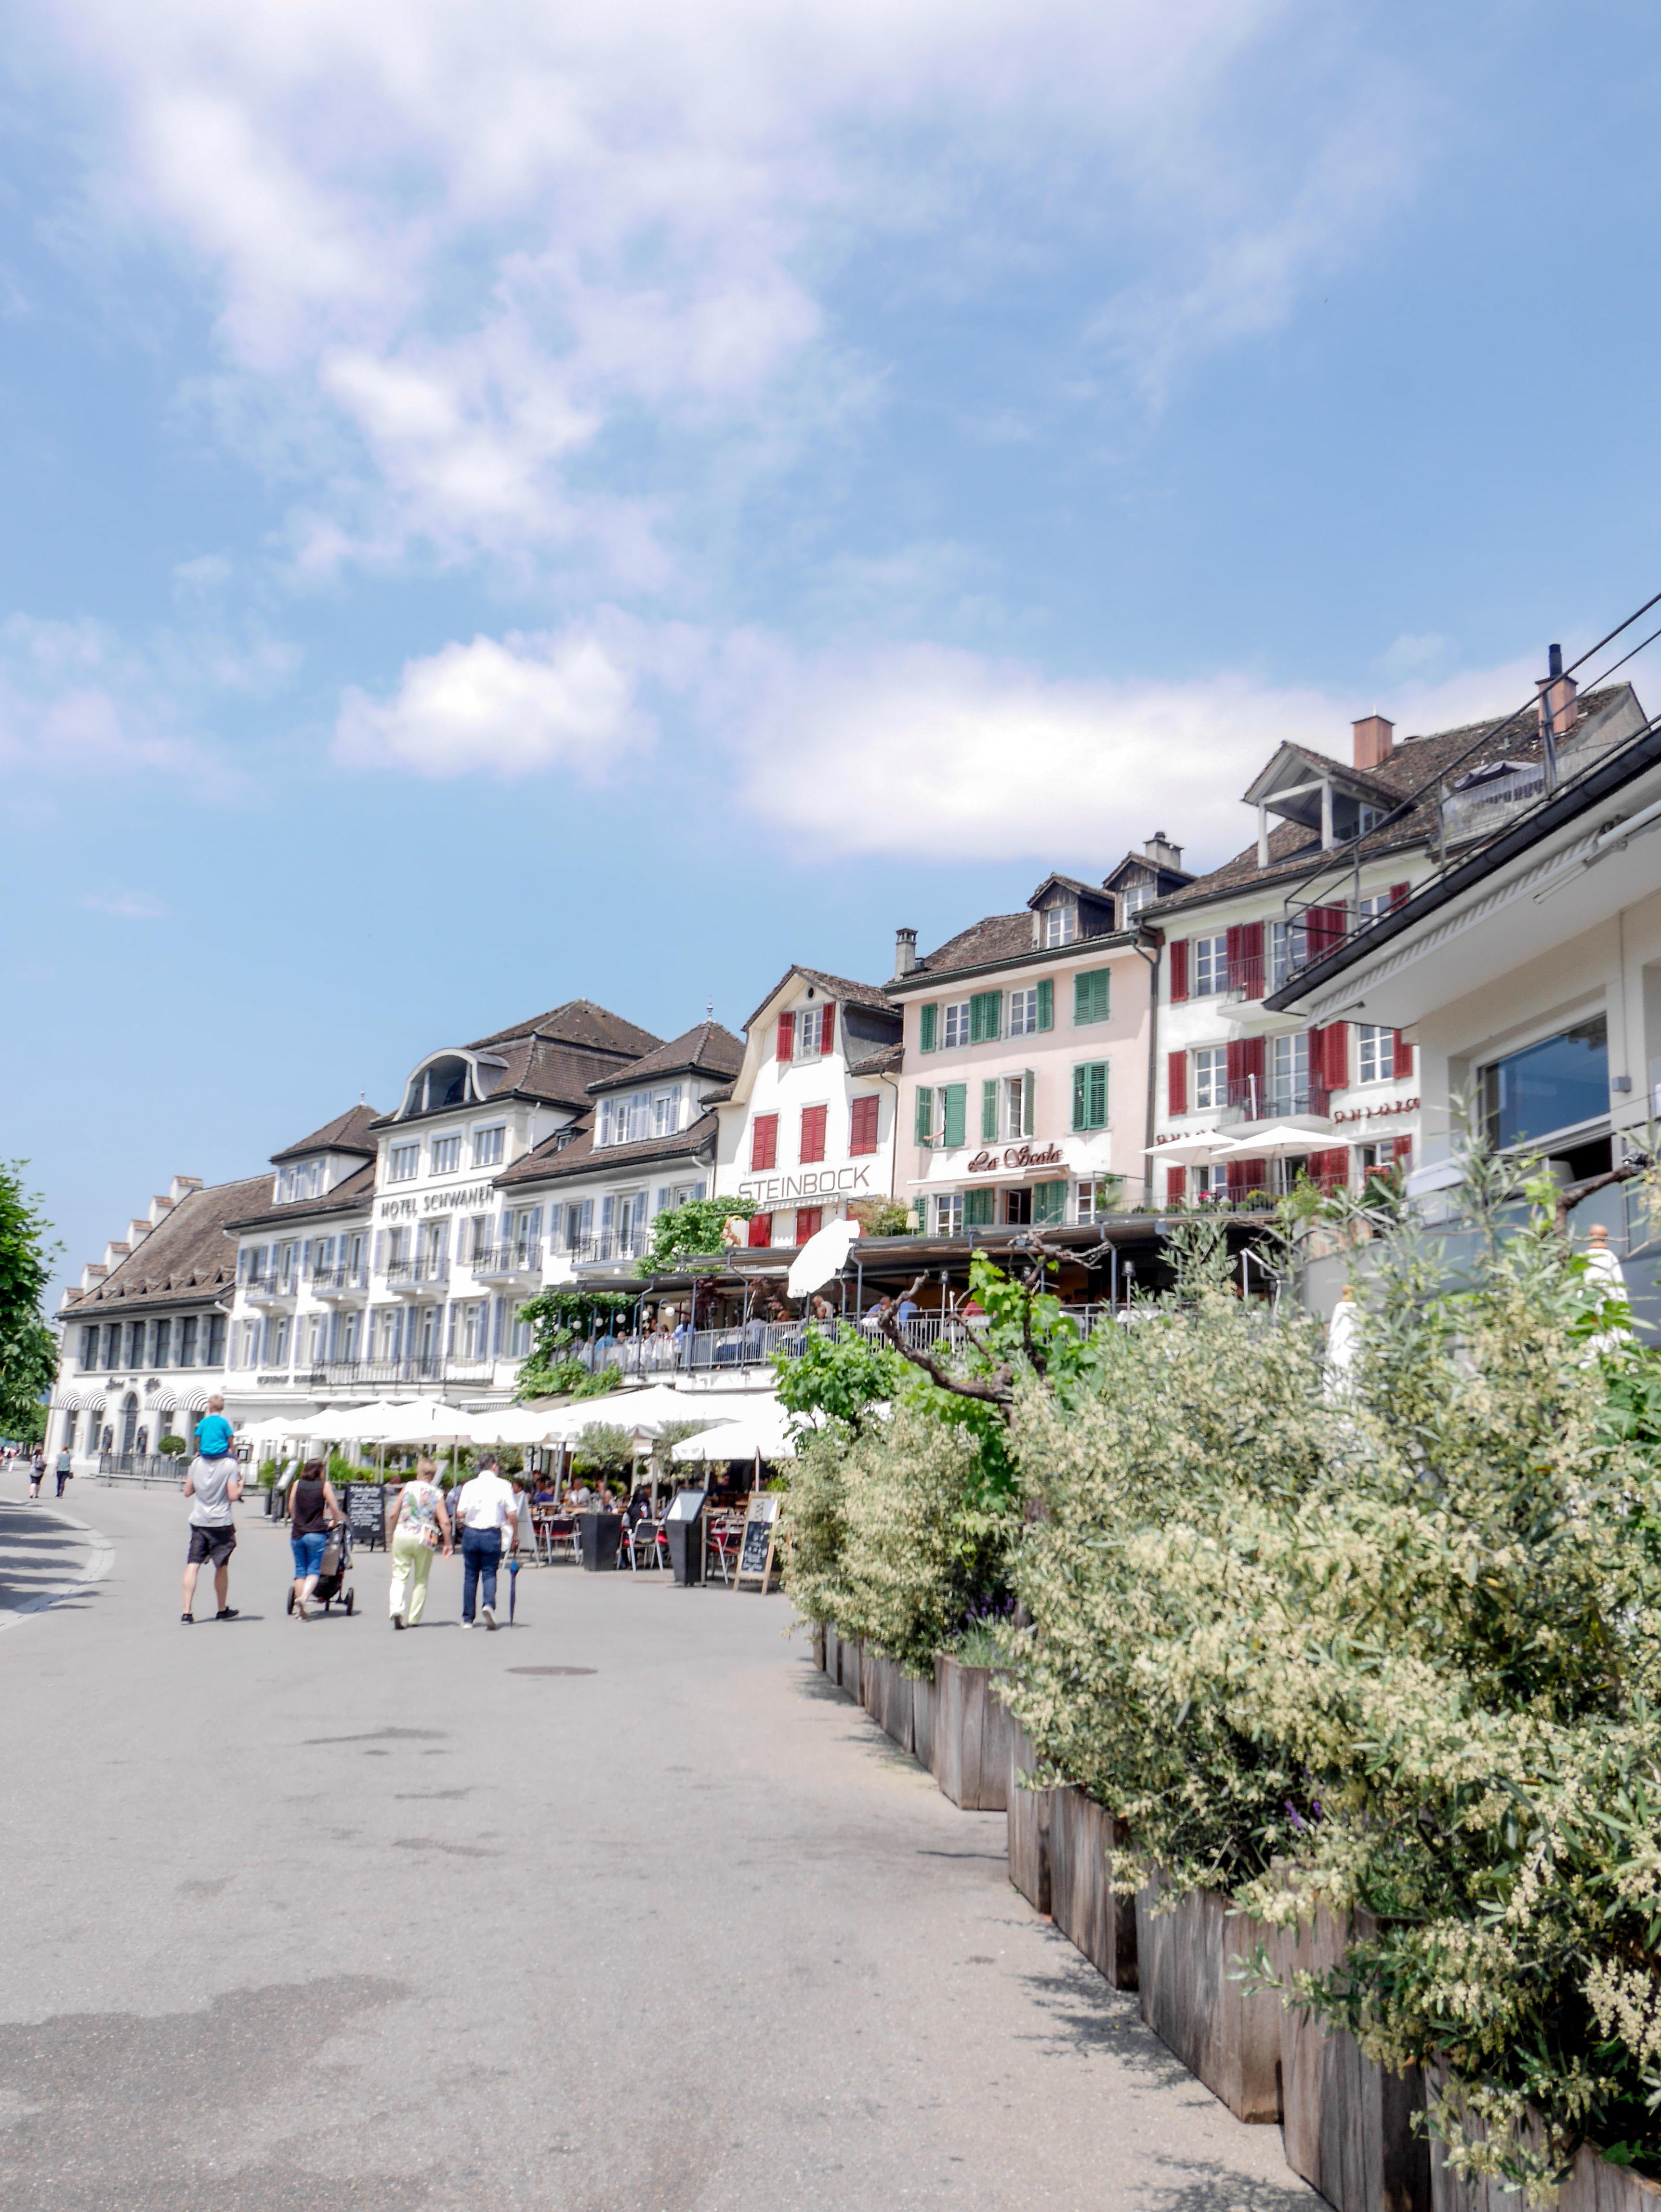 Kokemuksia Sveitsi